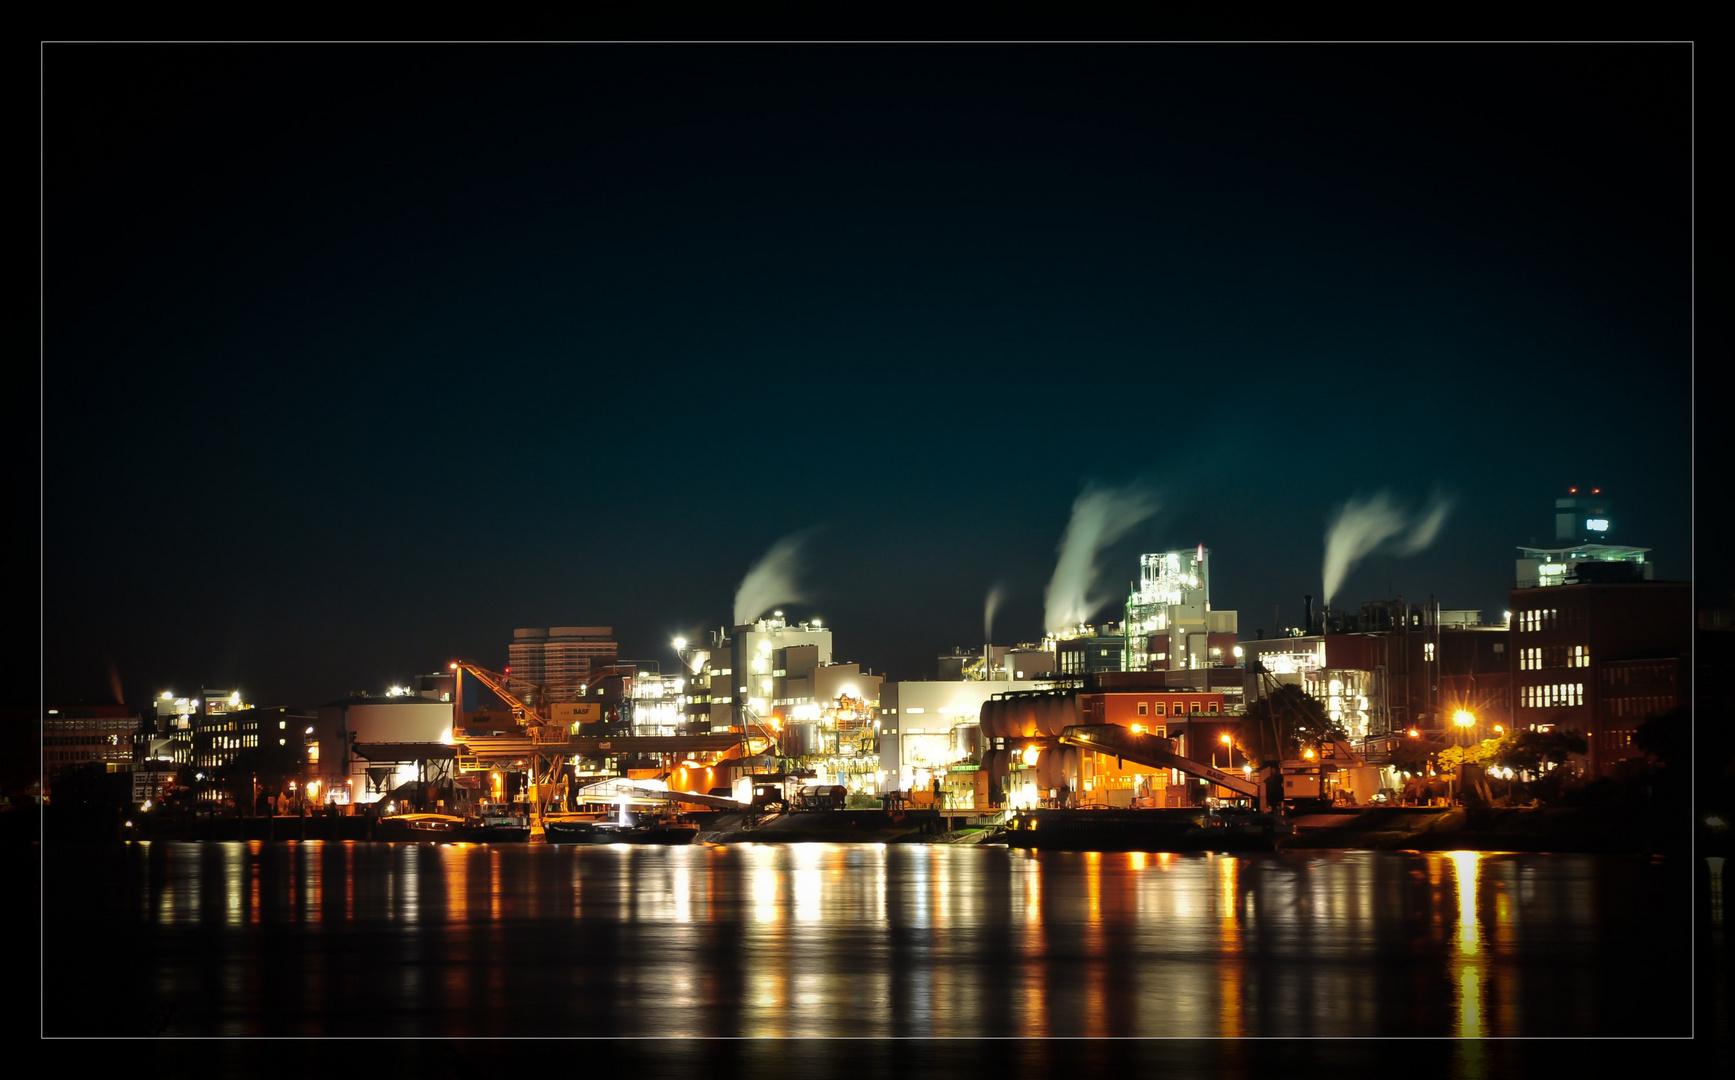 BASF Hafen bei Nacht